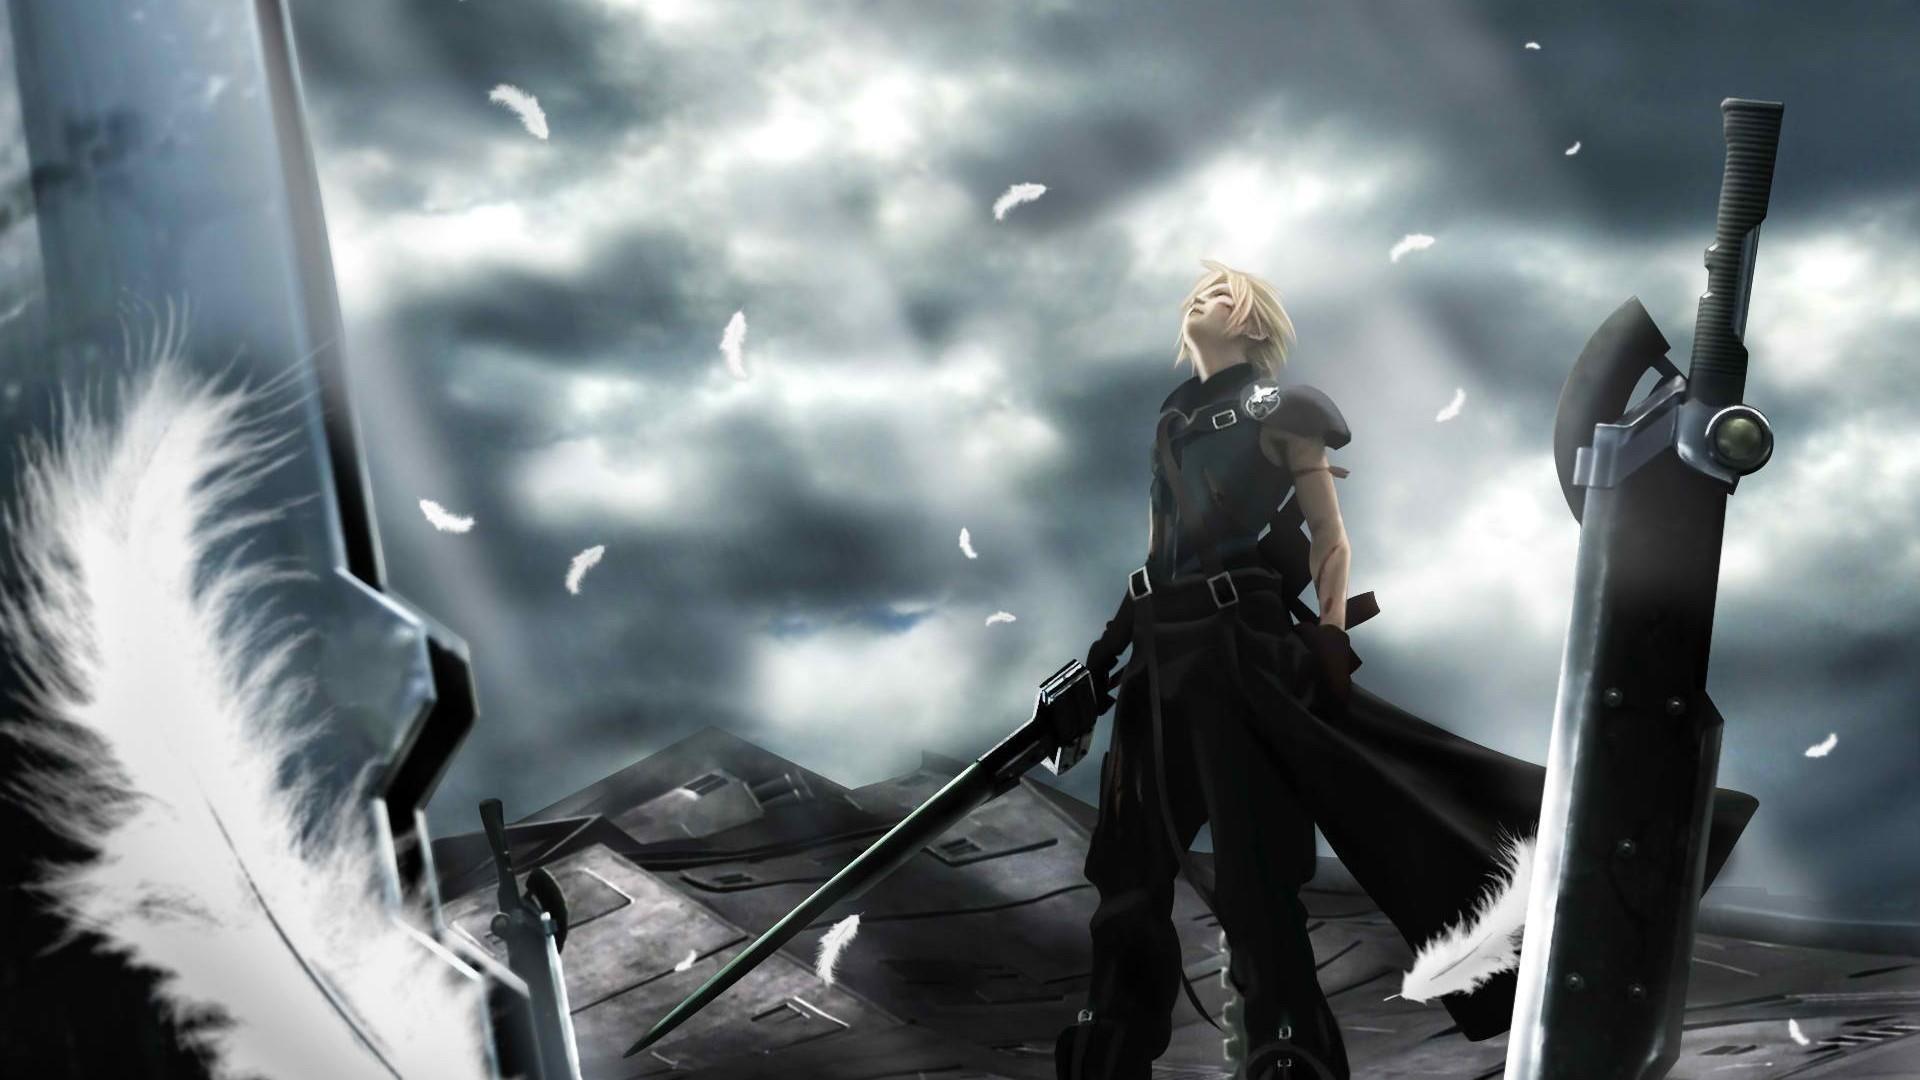 Final Fantasy 7 Backgrounds 75 Images